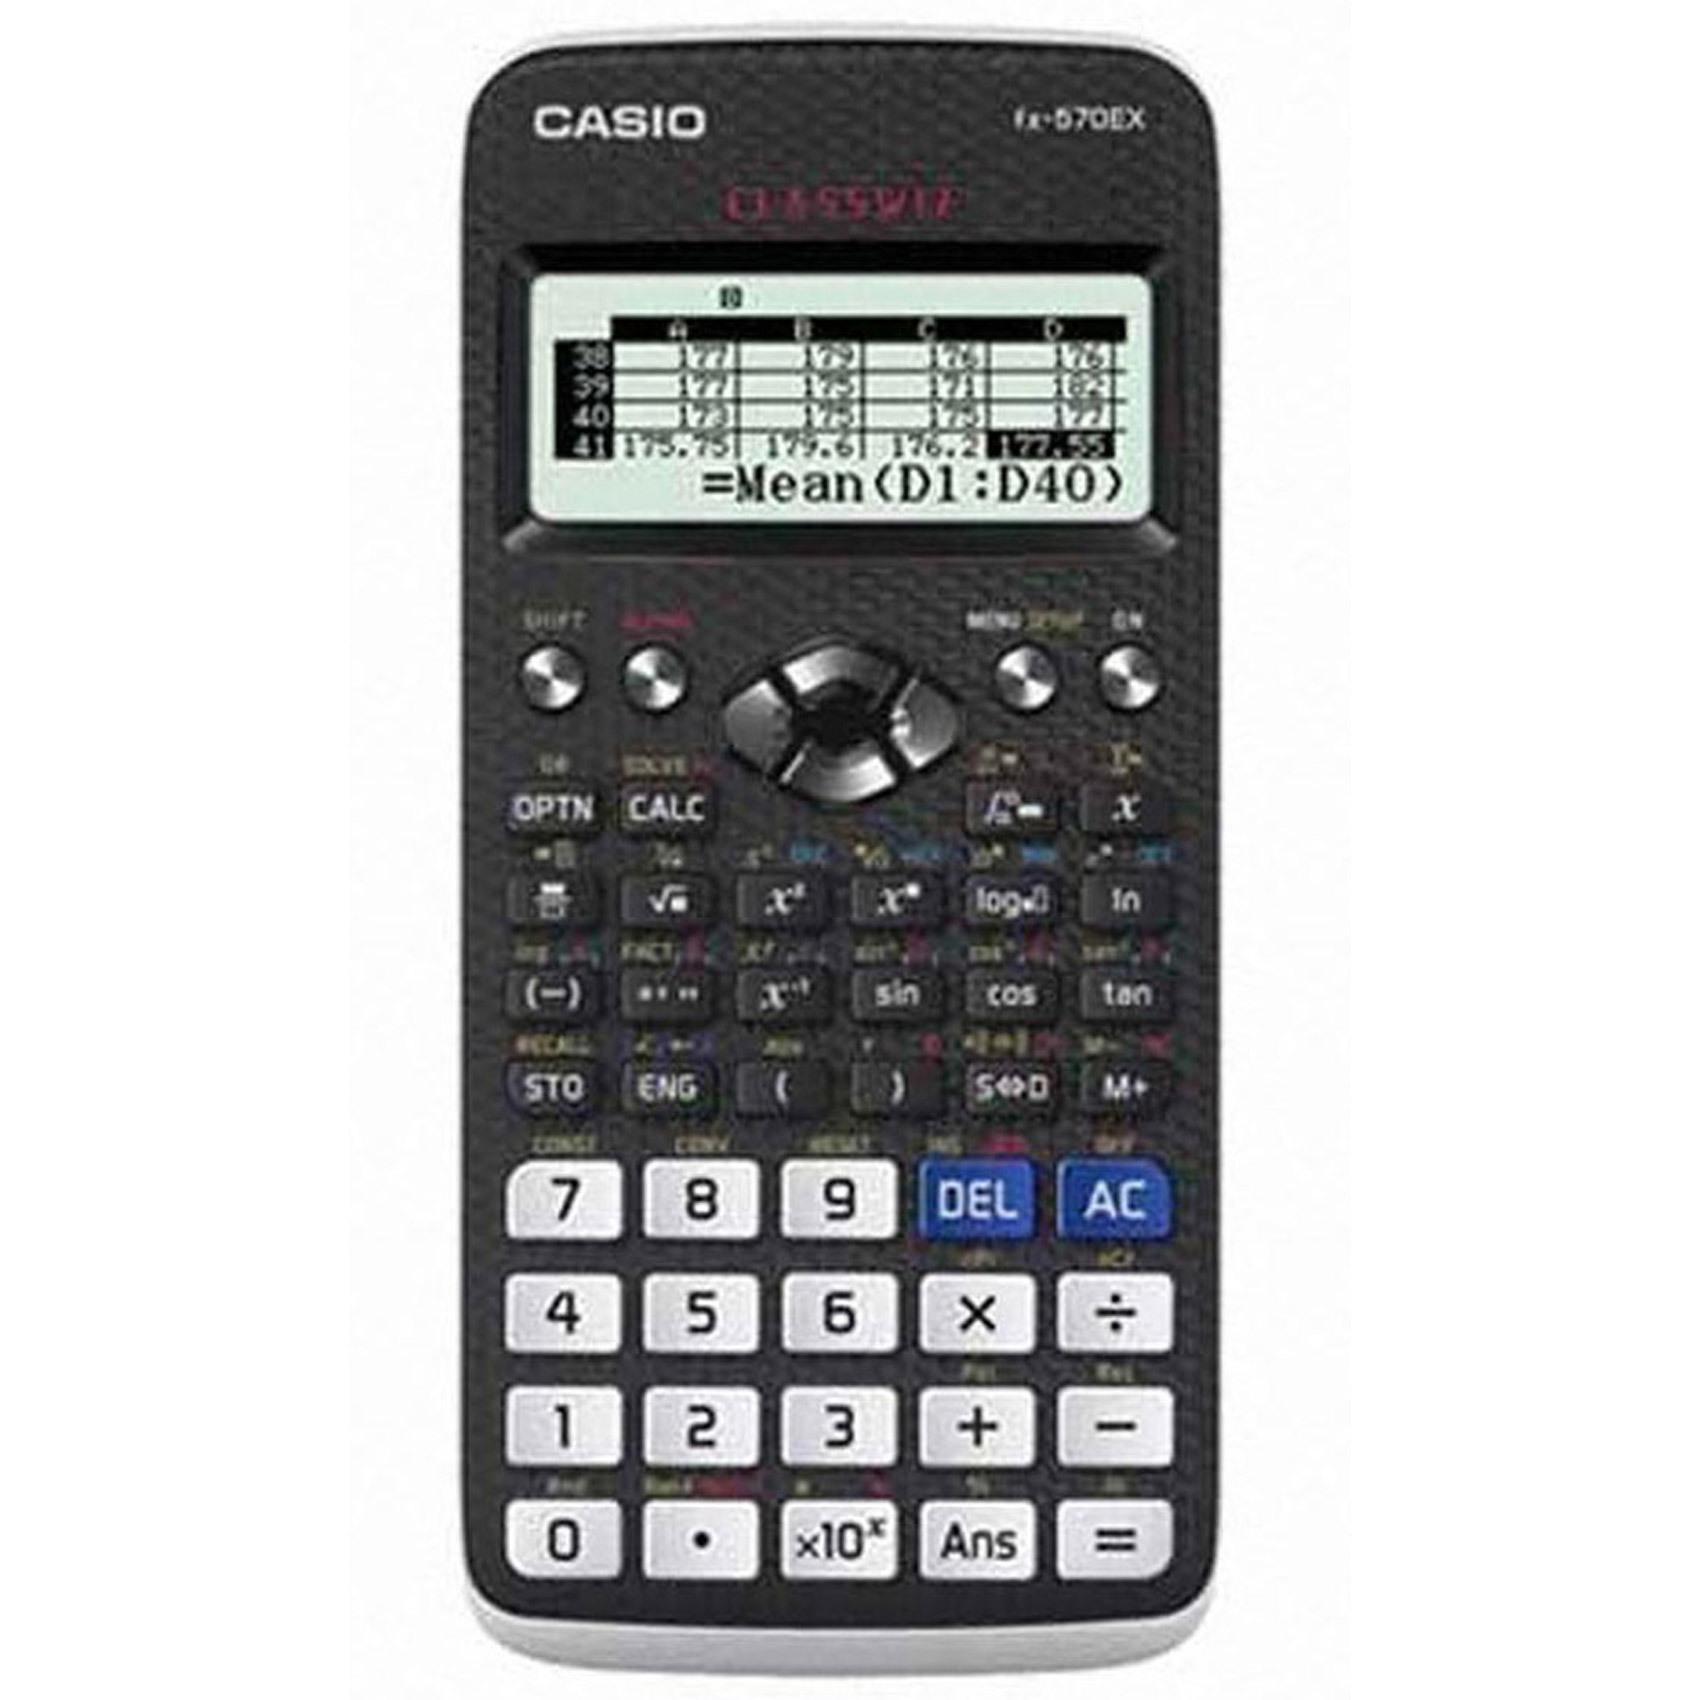 CASIO FX-570EX CLASSWIZ SCIENTIFIC